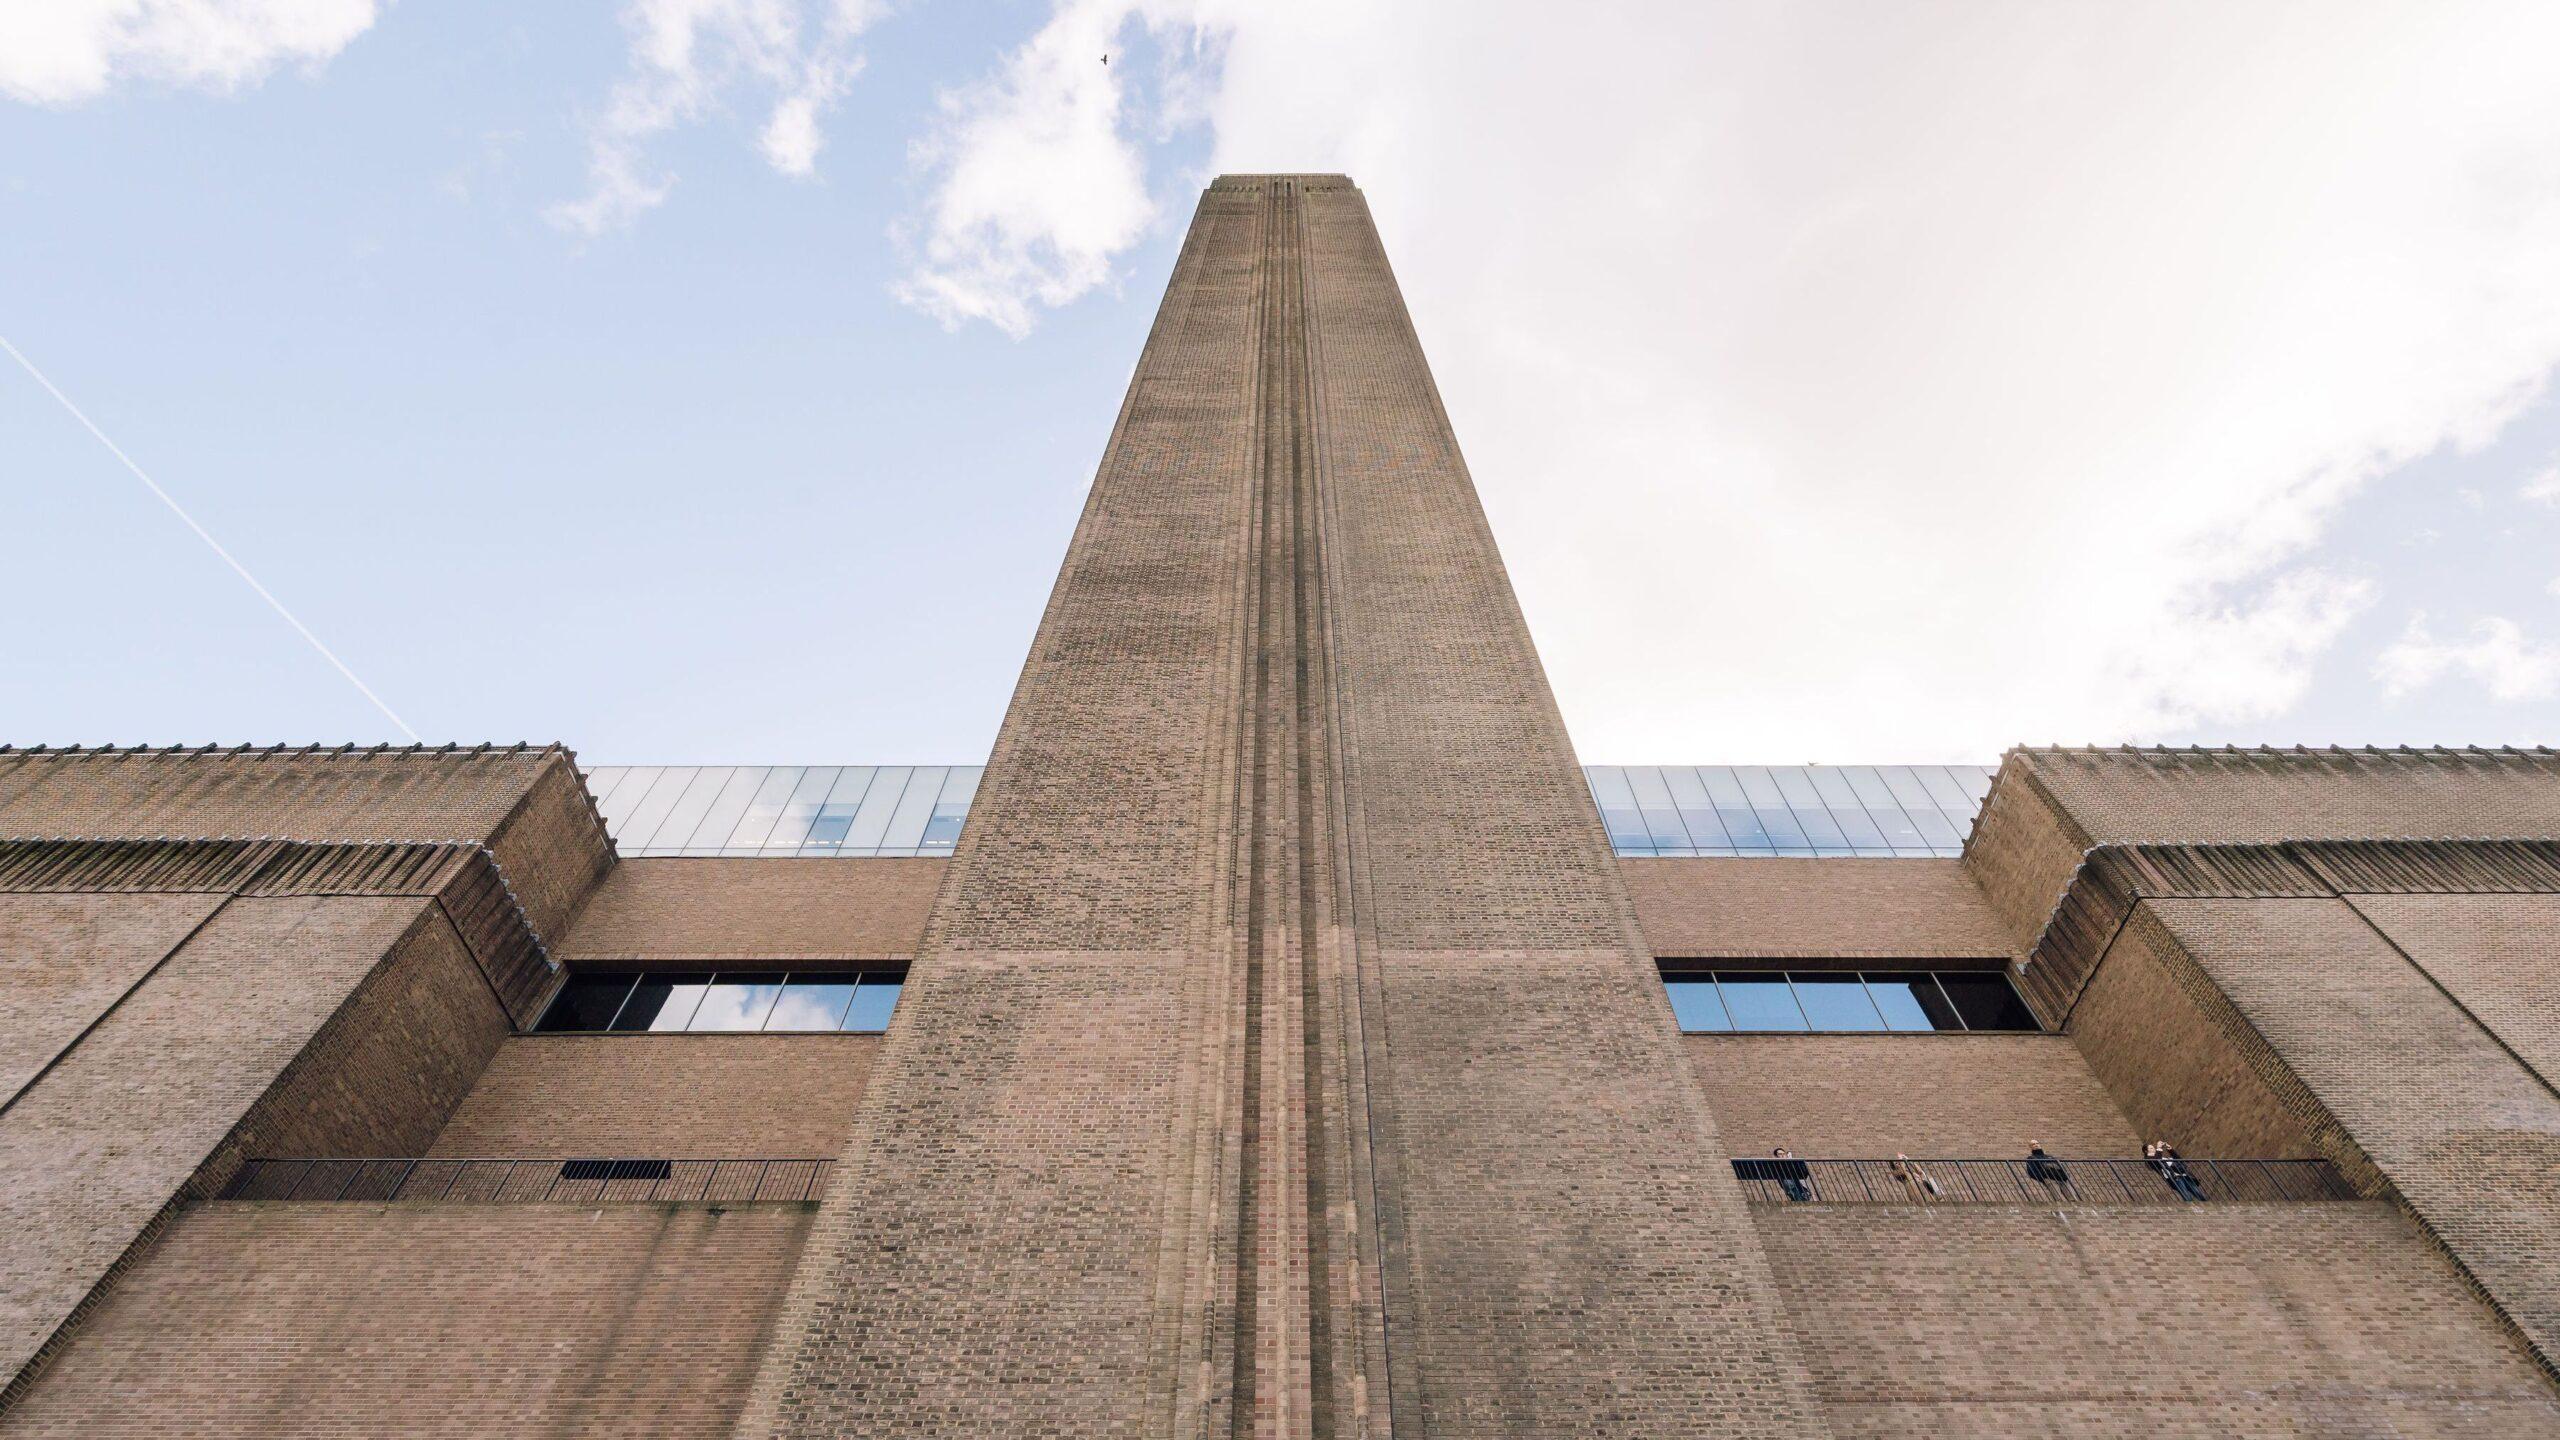 La Tate licenzierà 120 dipendenti a causa della prolungata chiusura